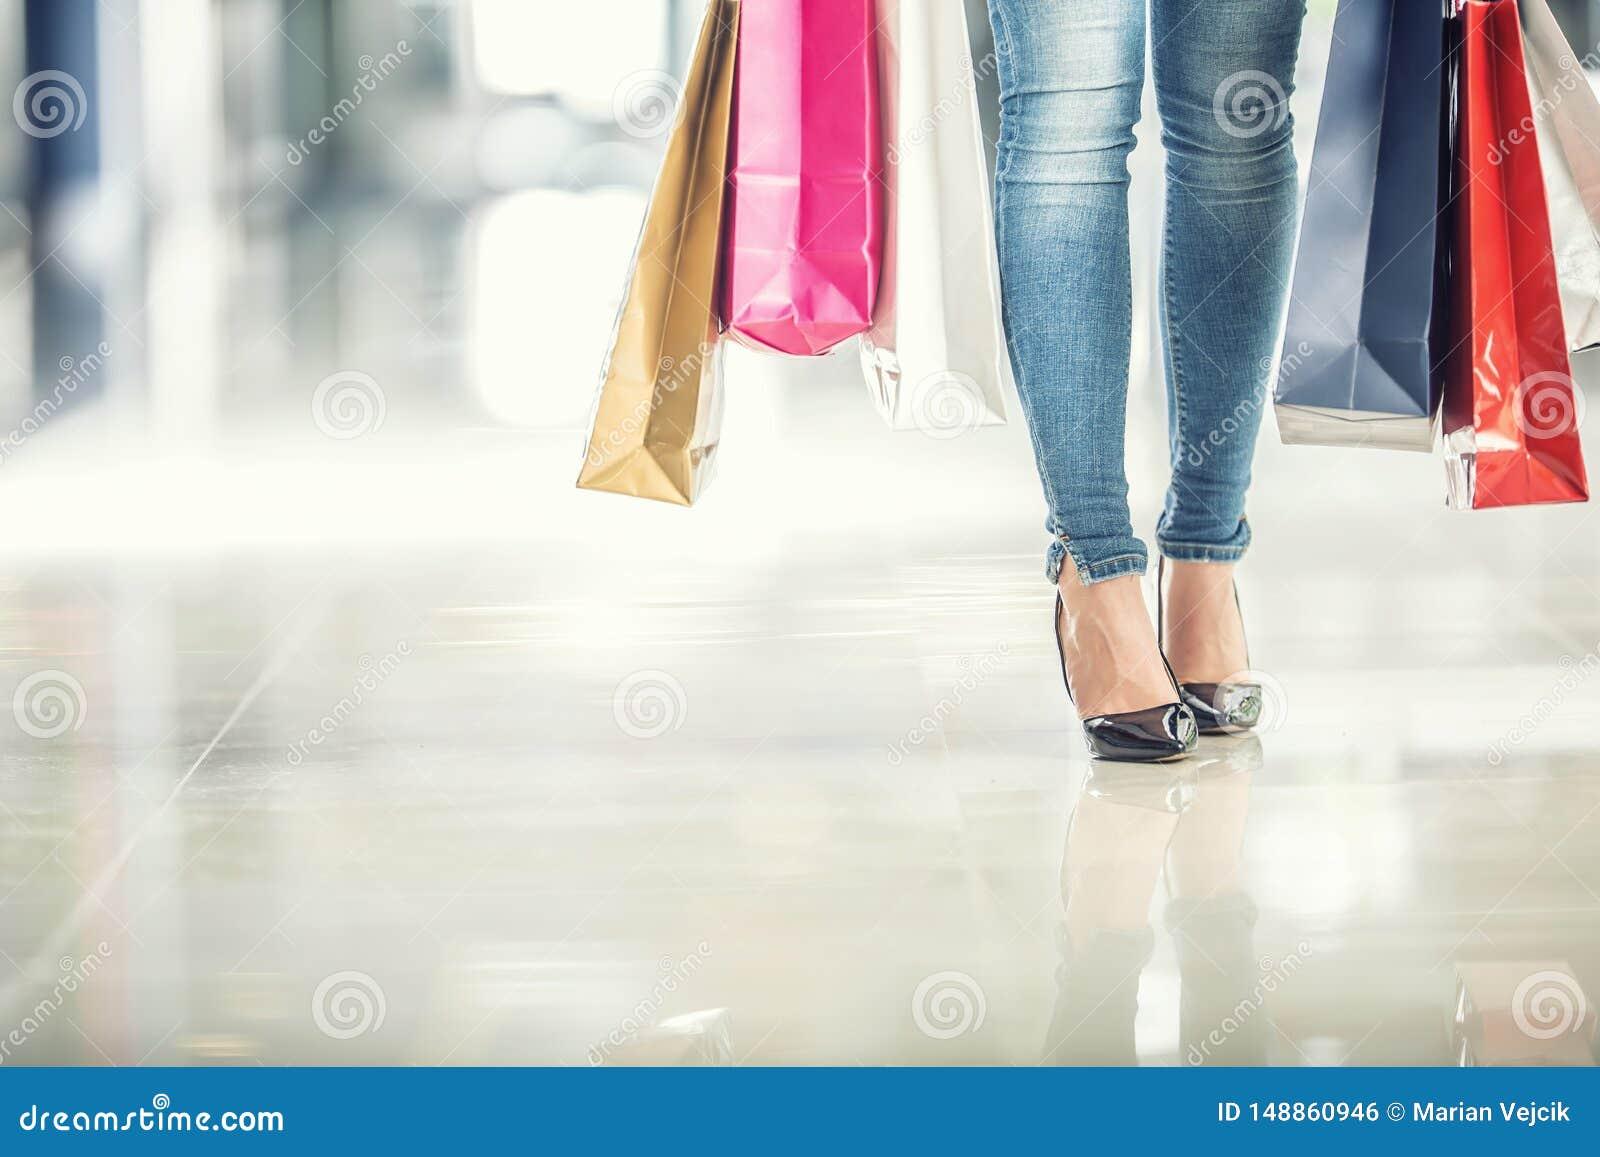 五颜六色的购物带来在顾客妇女的手上和她的腿牛仔裤和鞋子